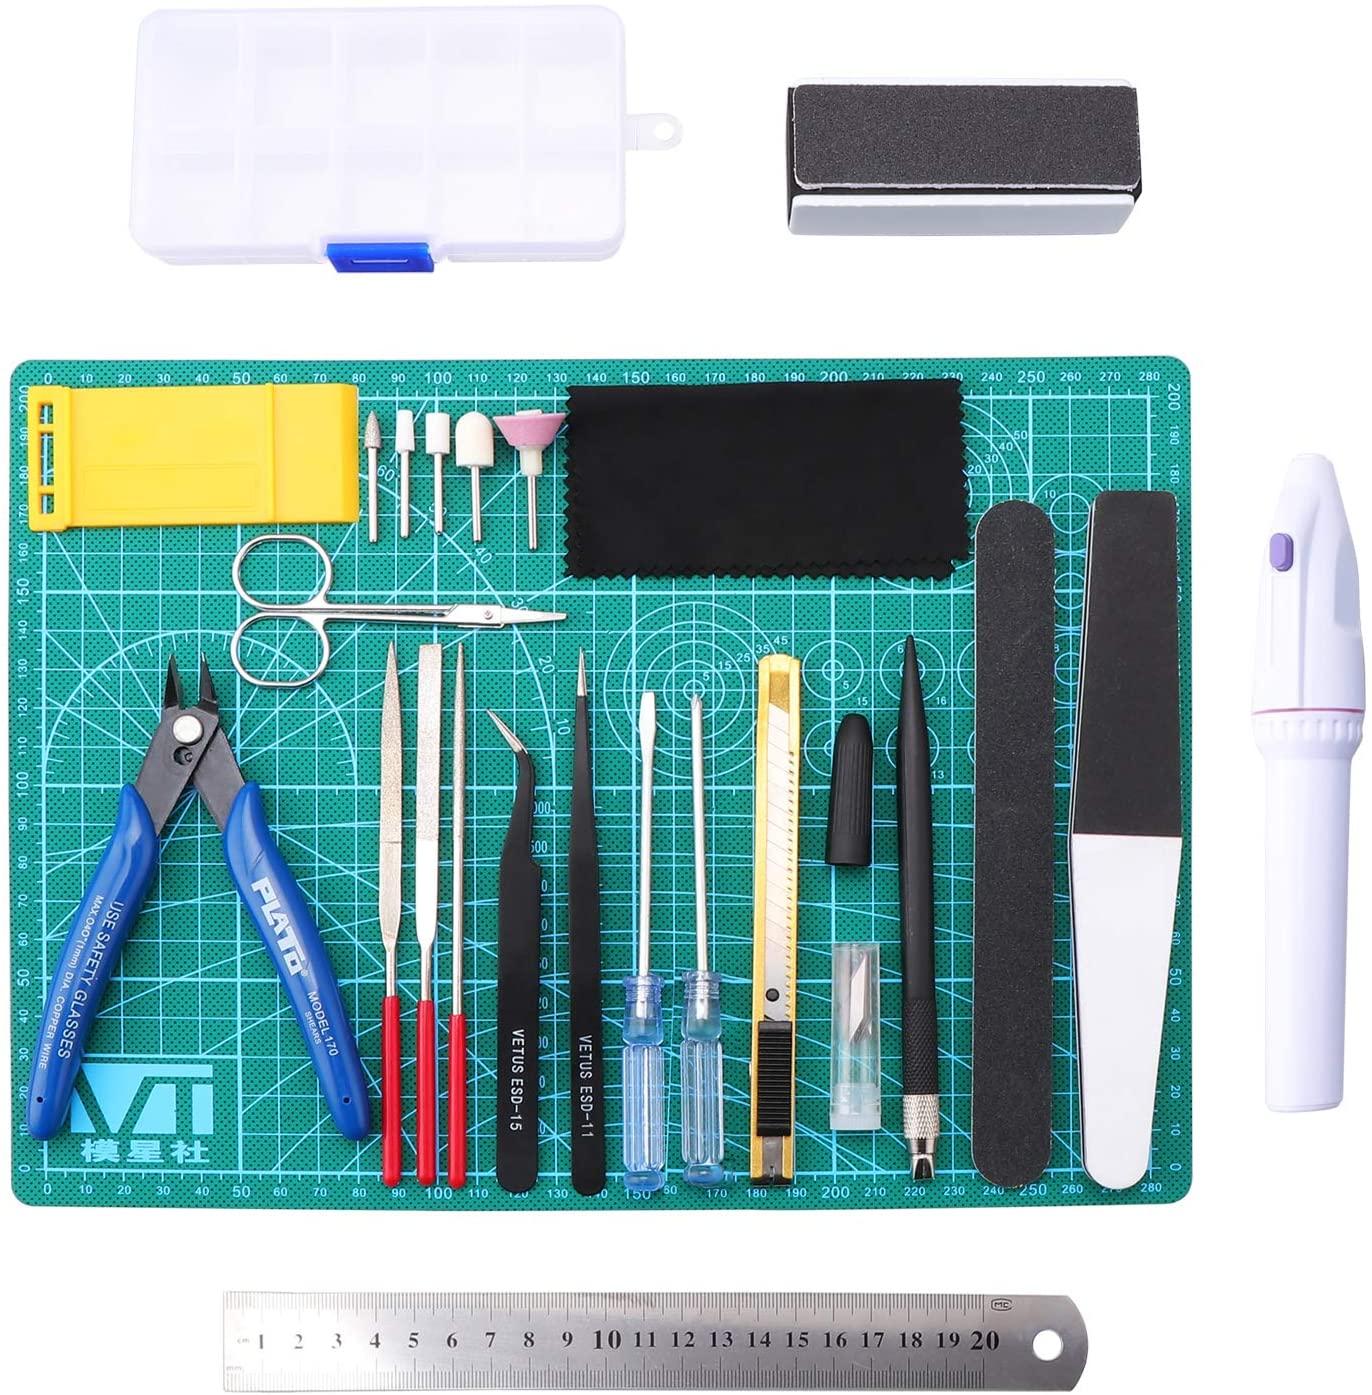 Paquete con 26 herramientas diferentes para armado de model kits (cupón extra de 8% de descuento)